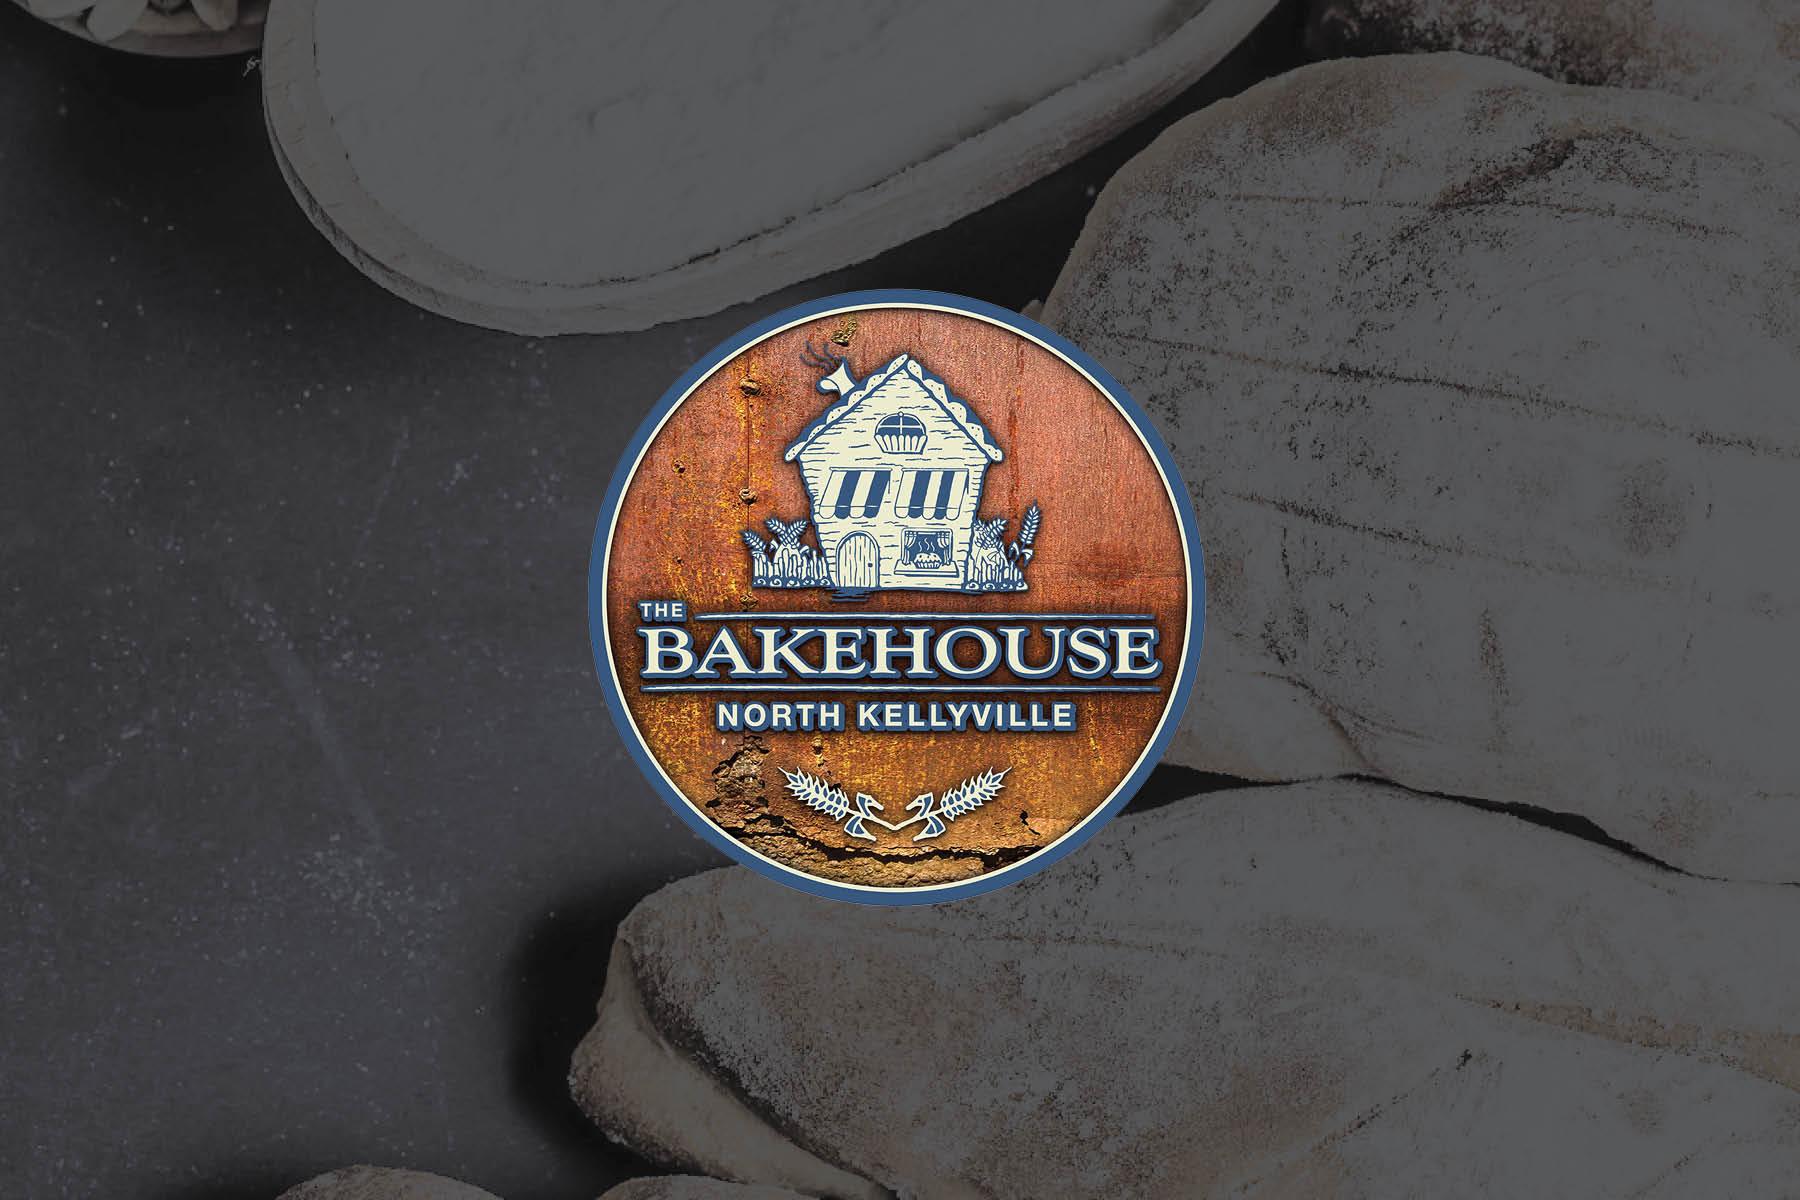 Cafe Website Design   Bakery Web Designer   How to design a website   Web Design   Sydney   Kellyville   Hills District   Logo   Marketing   Graphic Designer